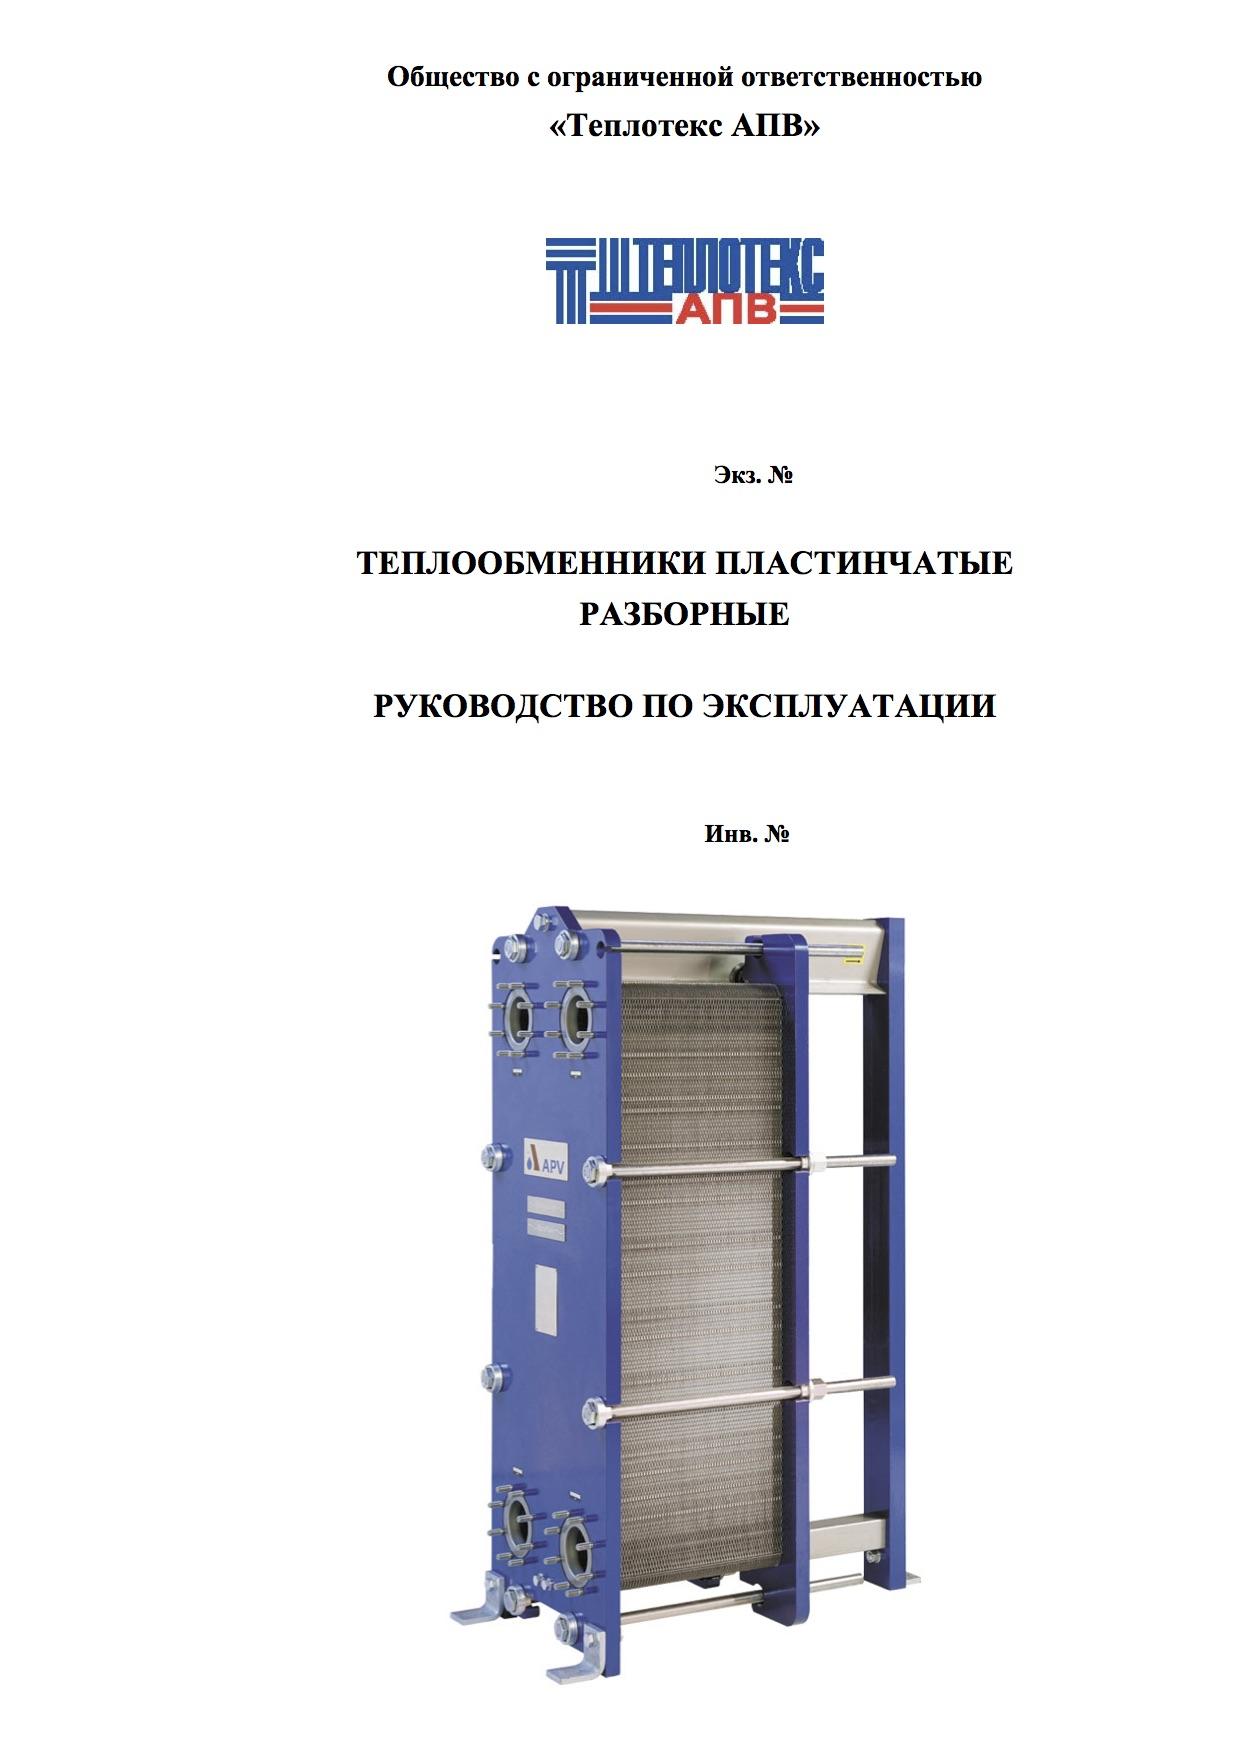 Инструкция теплообменник пластинчатый